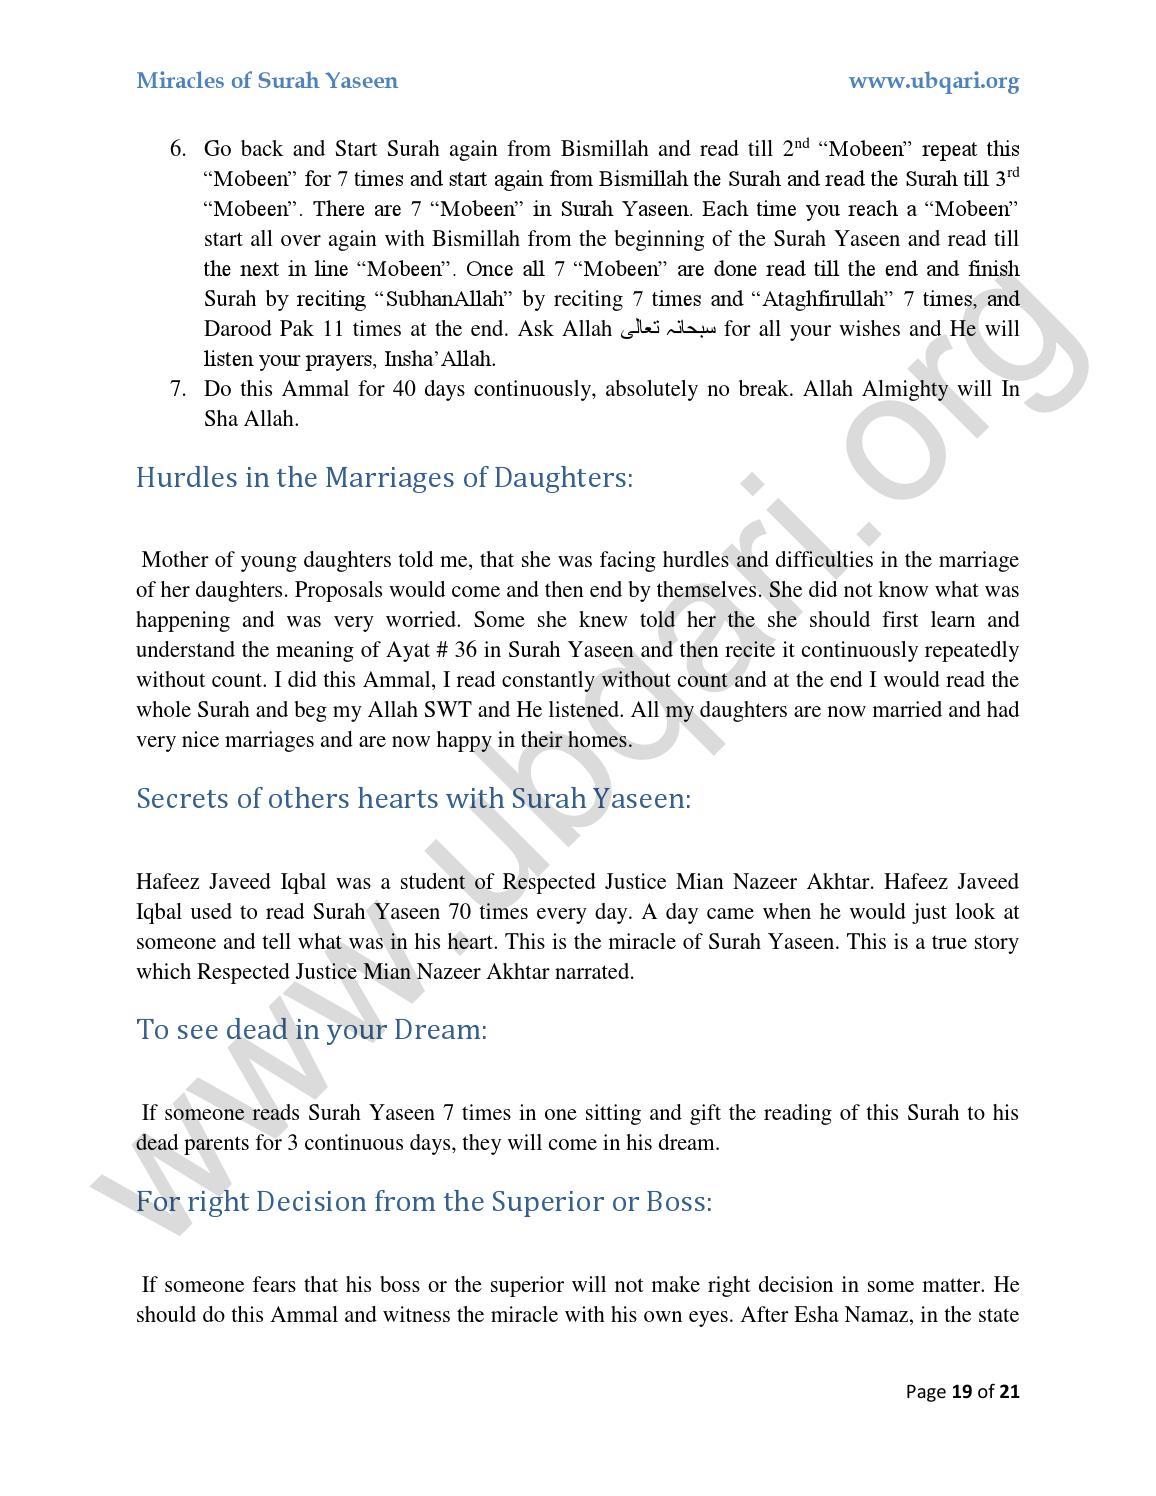 Miracles of Surah Yaseen by Ubqari - issuu